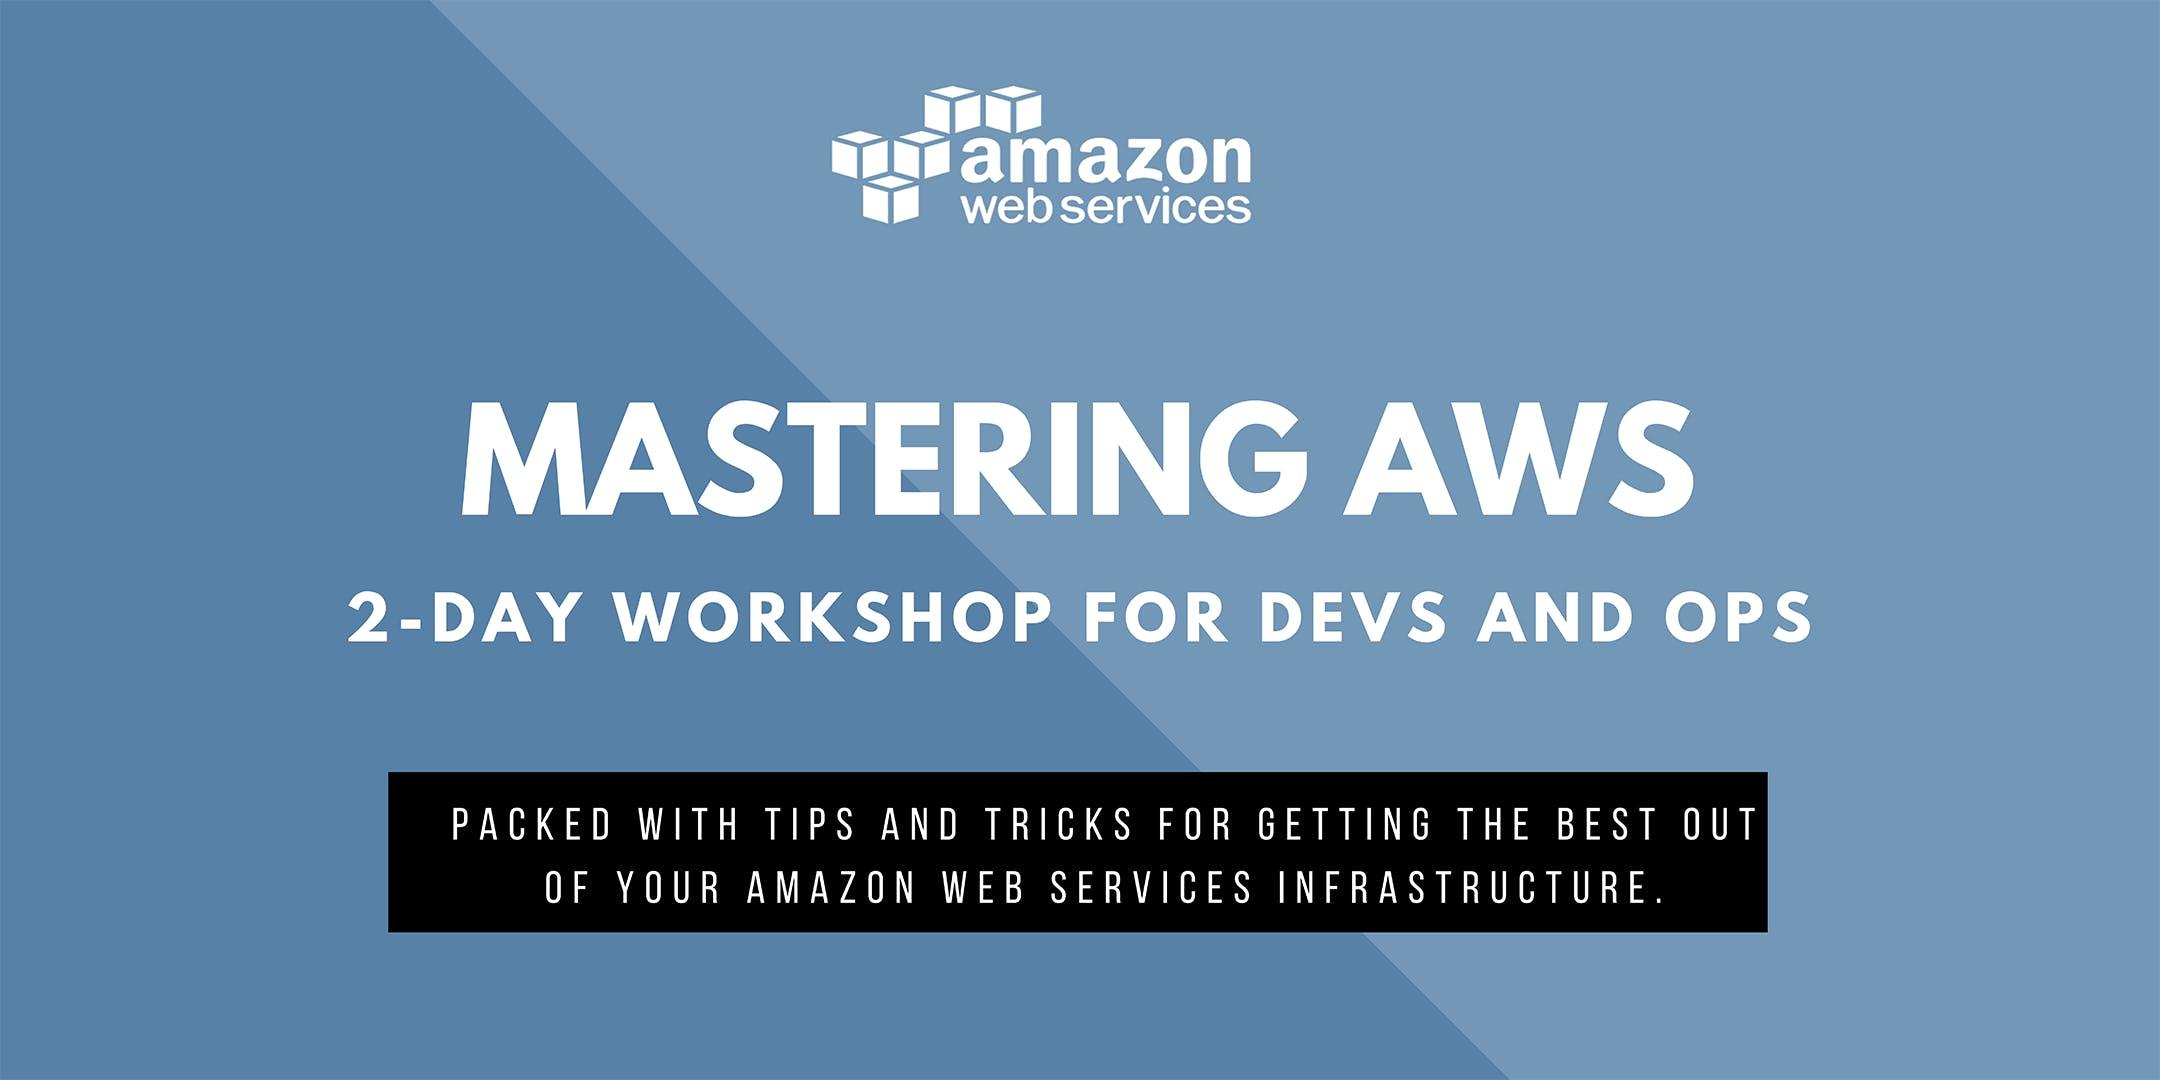 TOP Mastering Amazon Web Services (Oslo)